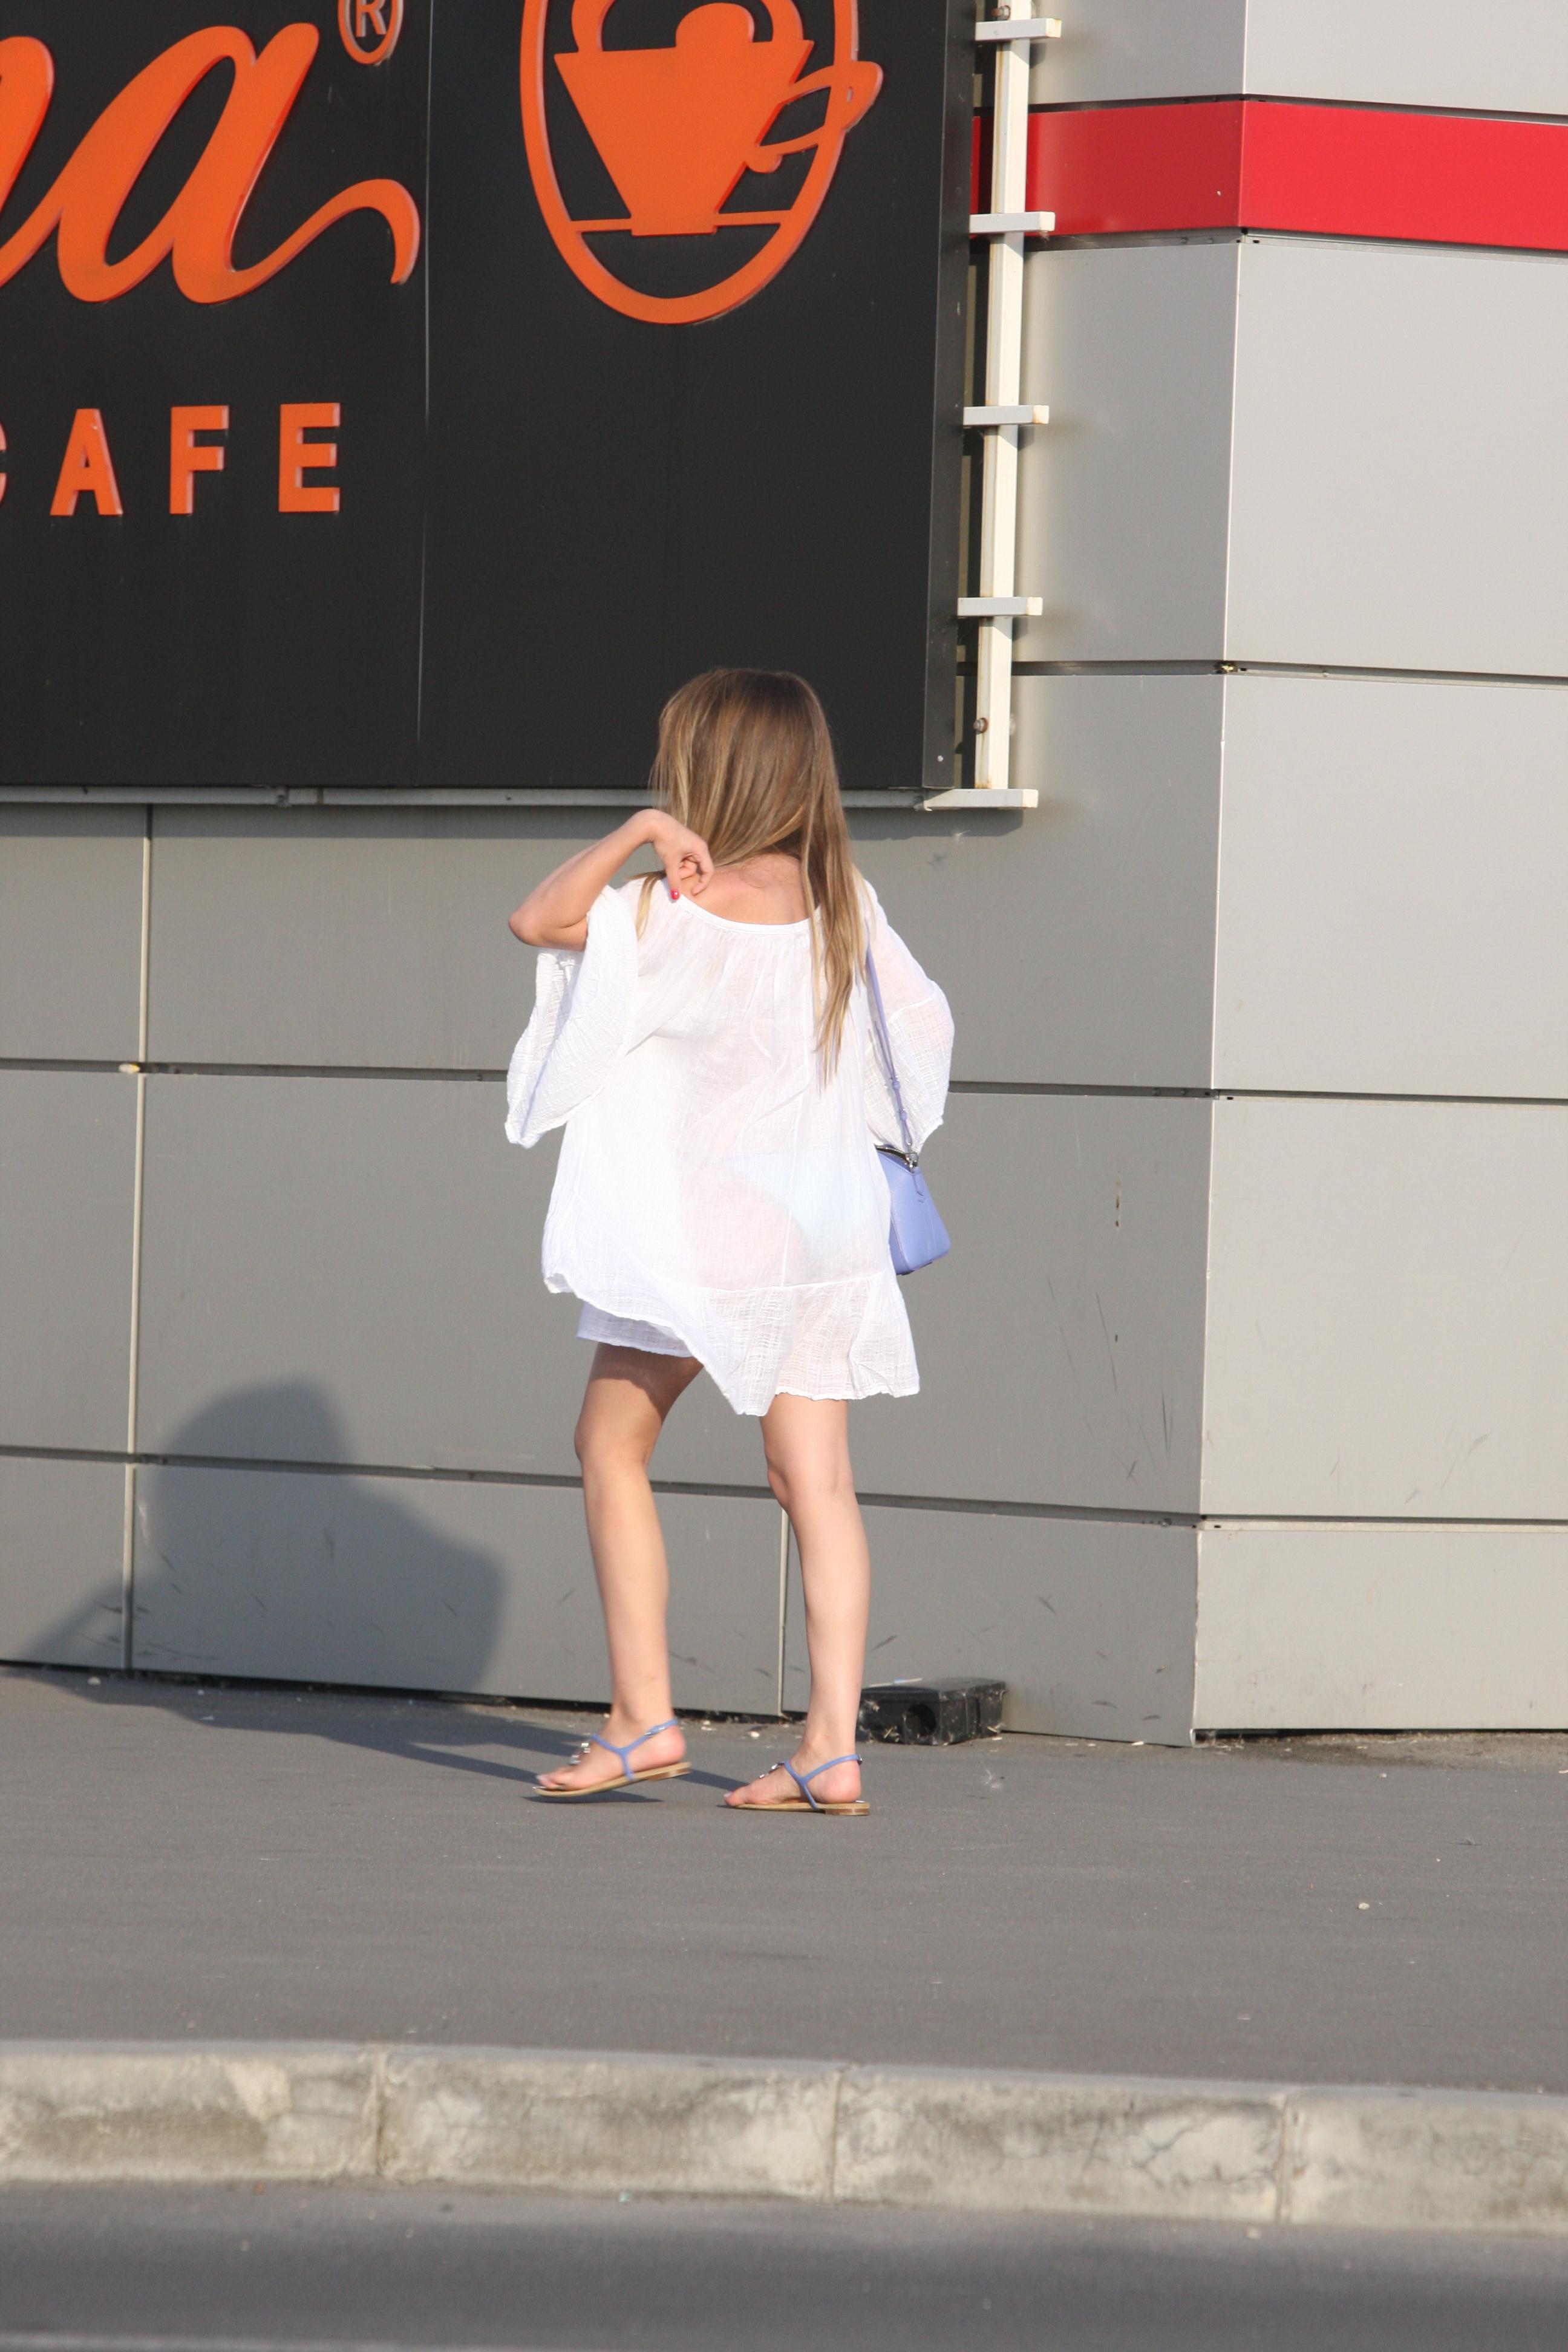 Fiica mijlocie a lui Becali si-a etalat costumul de baie turcoaz